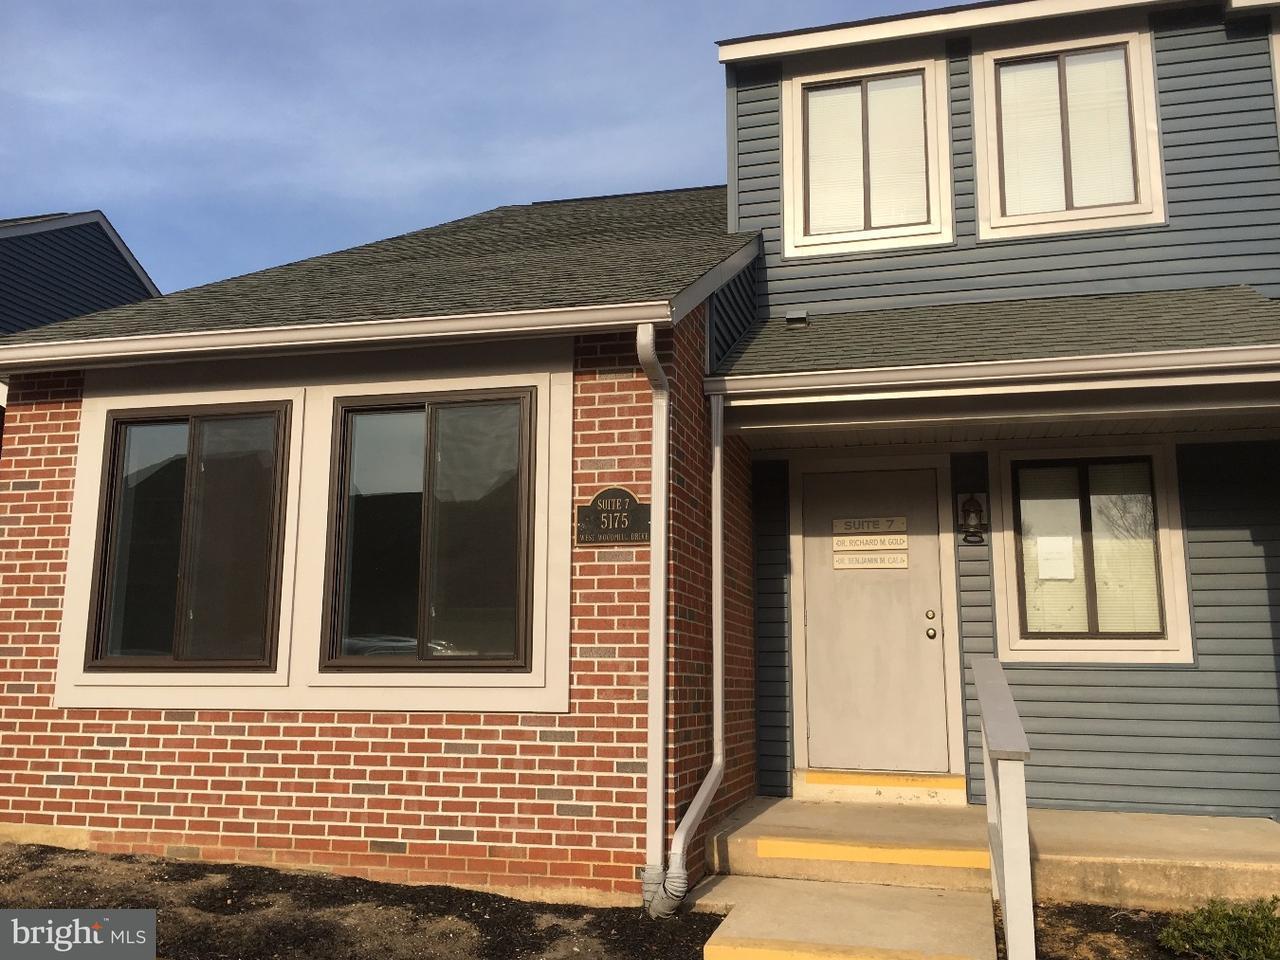 Частный односемейный дом для того Продажа на 5175 W WOODMILL DR #7 Marshallton, Делавэр 19808 Соединенные Штаты